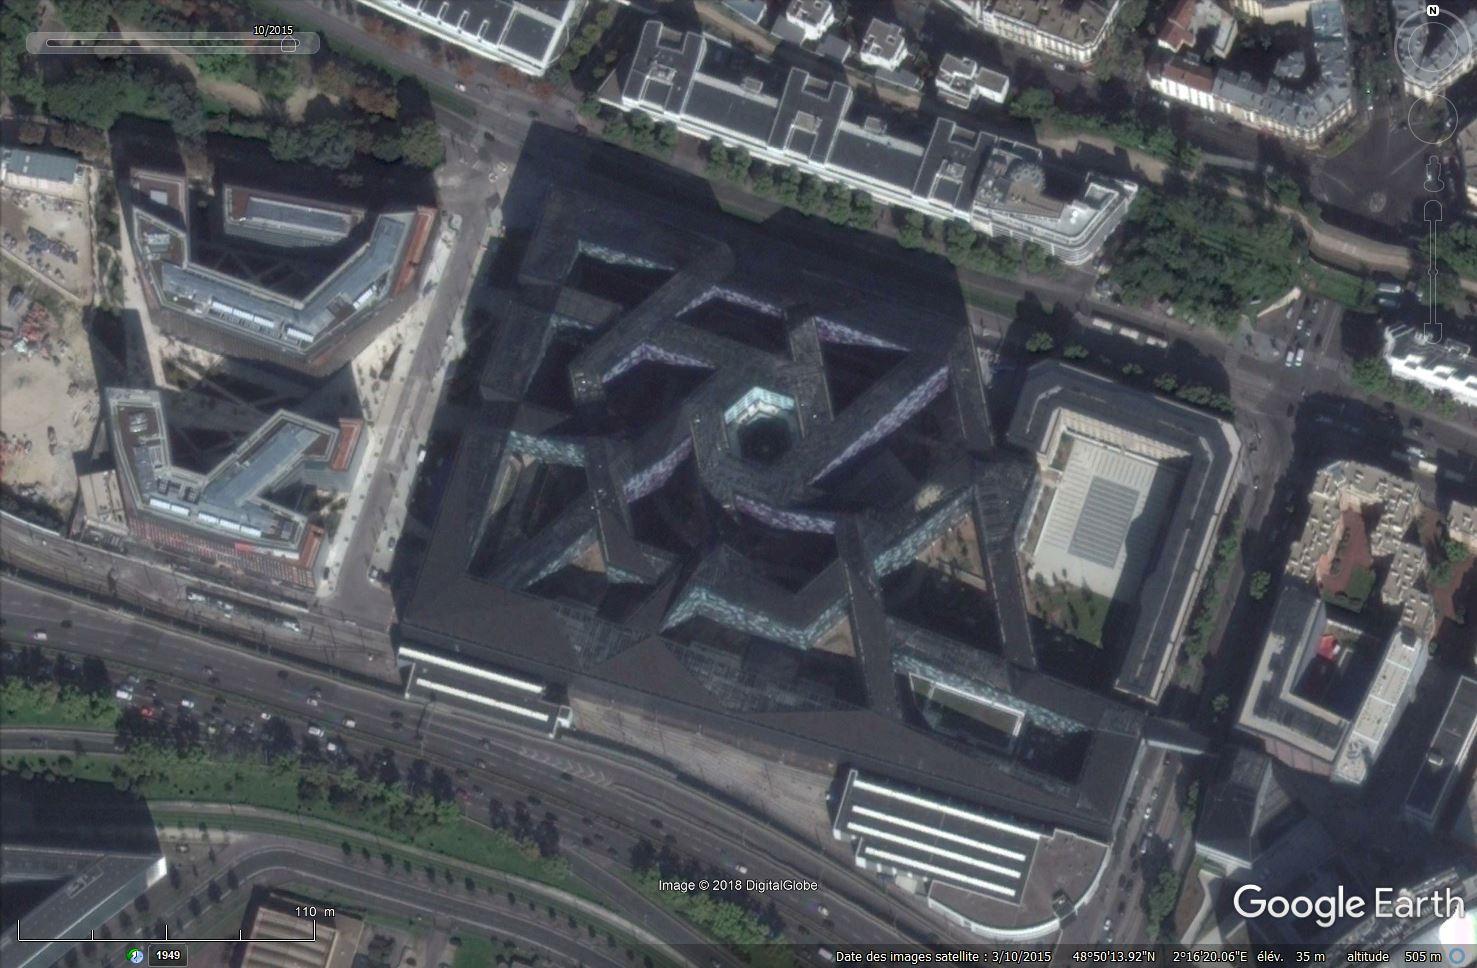 [Désormais visible sur Google Earth] - Futur site du ministère de la Défense (Balard) Tsge_136